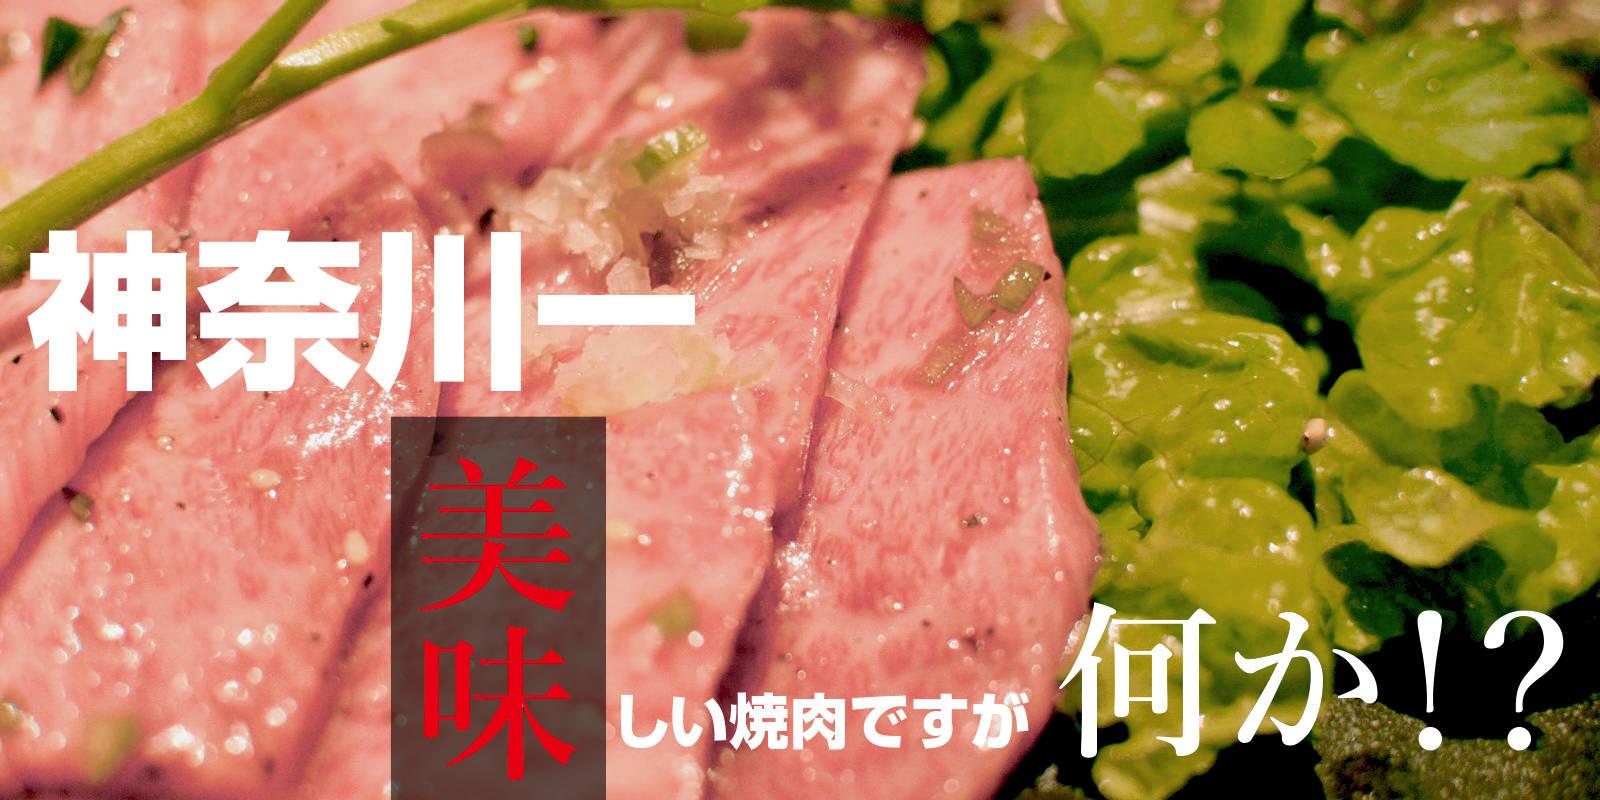 肉問屋直営焼肉 杏樹亭 神奈川一美味しい焼肉